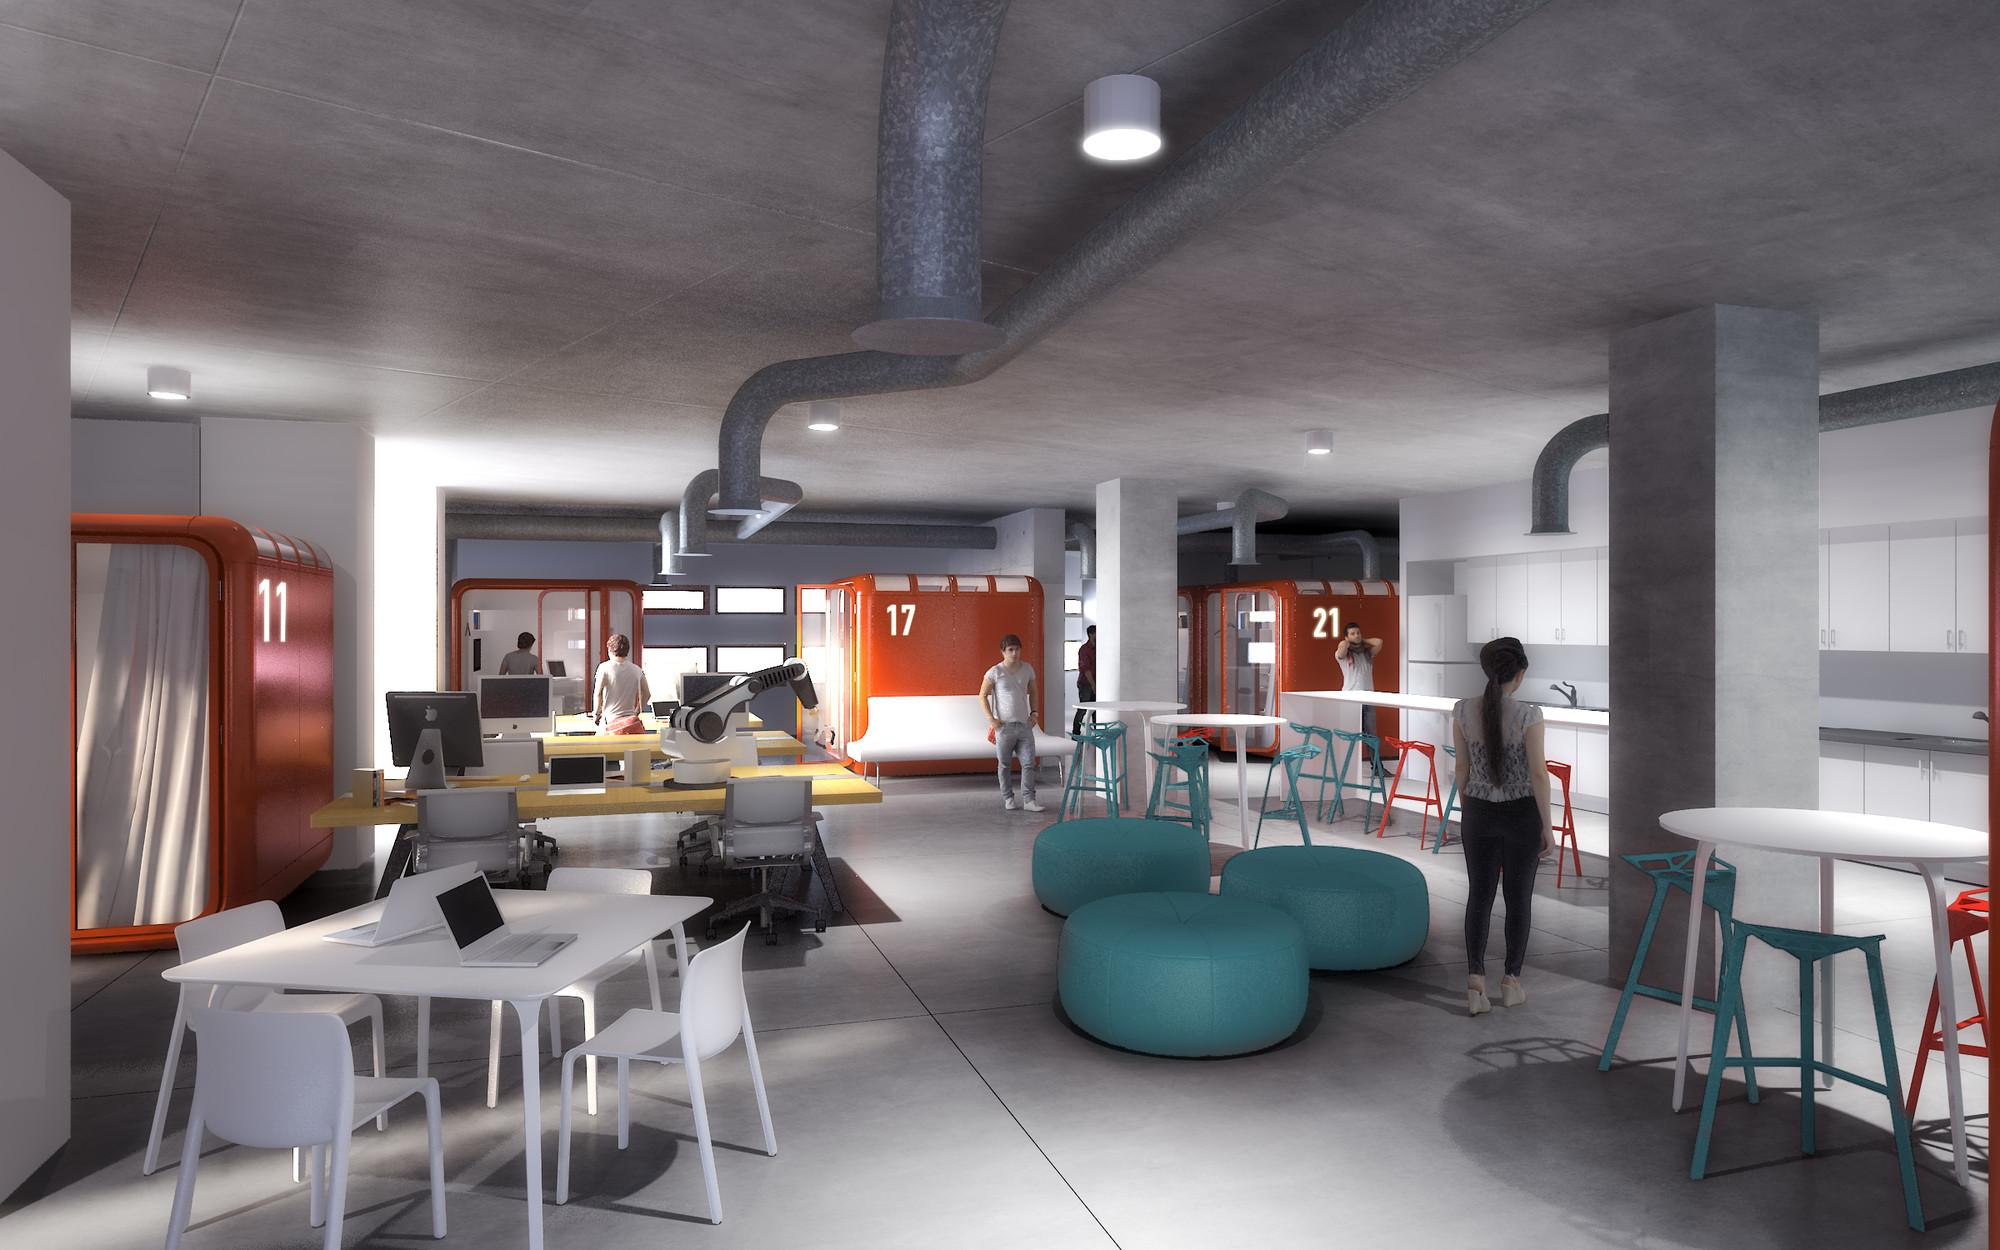 gallery of eda breaks ground on the university of utah s newest